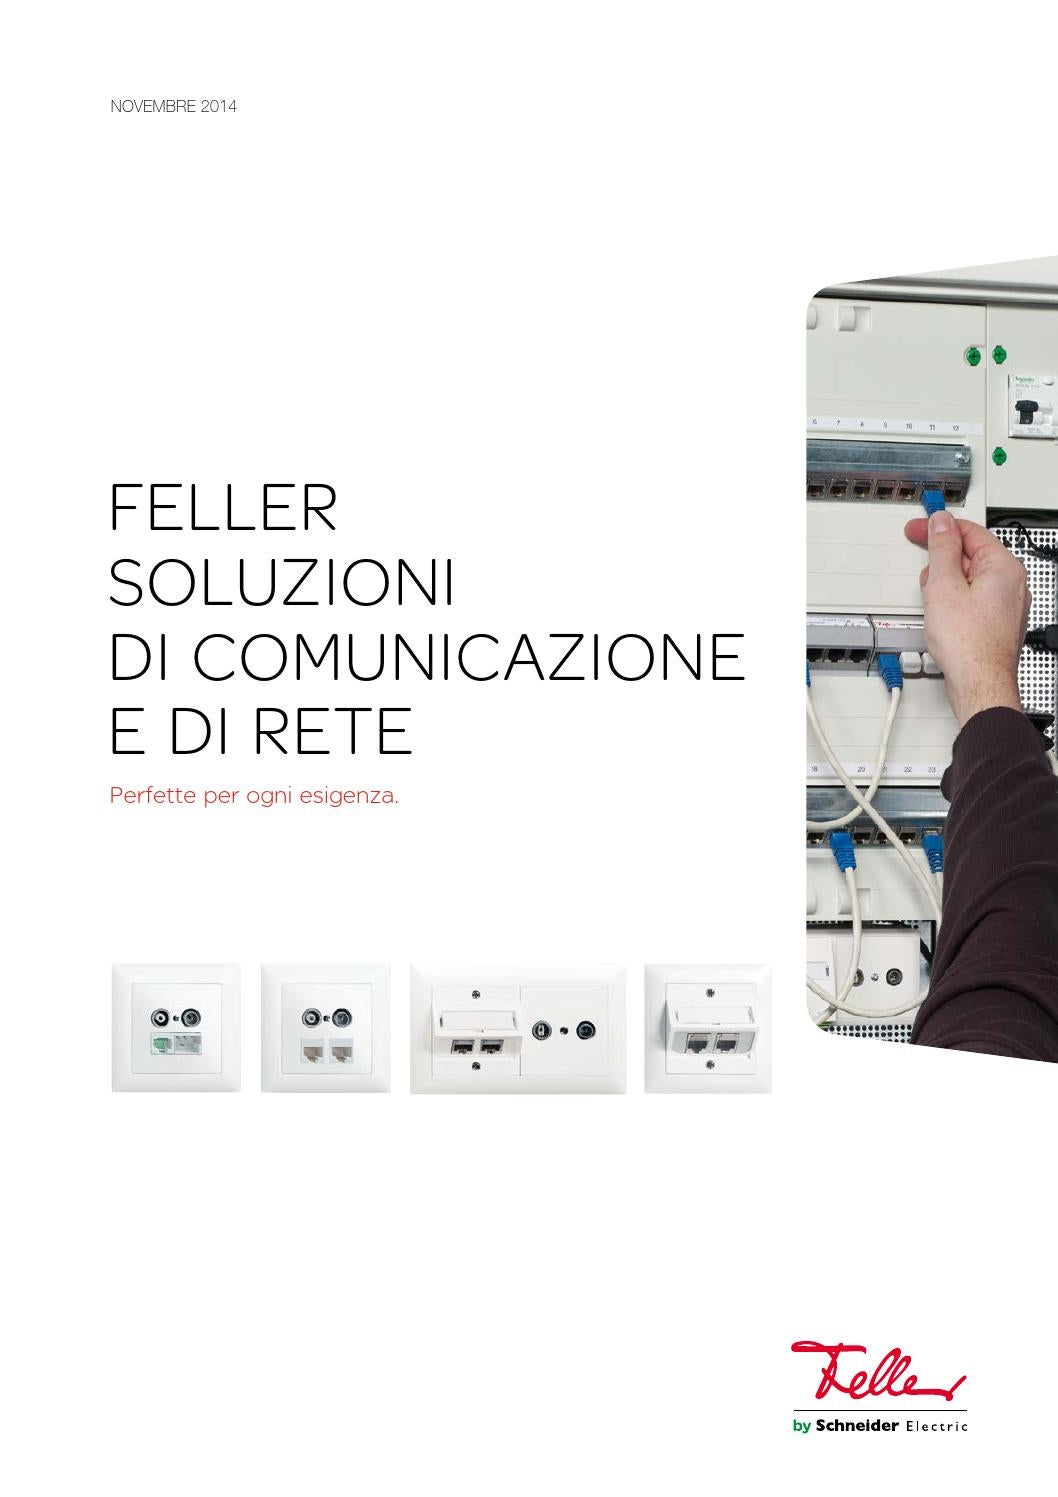 Schema Cablaggio Rete : Manuale di sistema soluzioni di comunicazione e di rete by feller ag